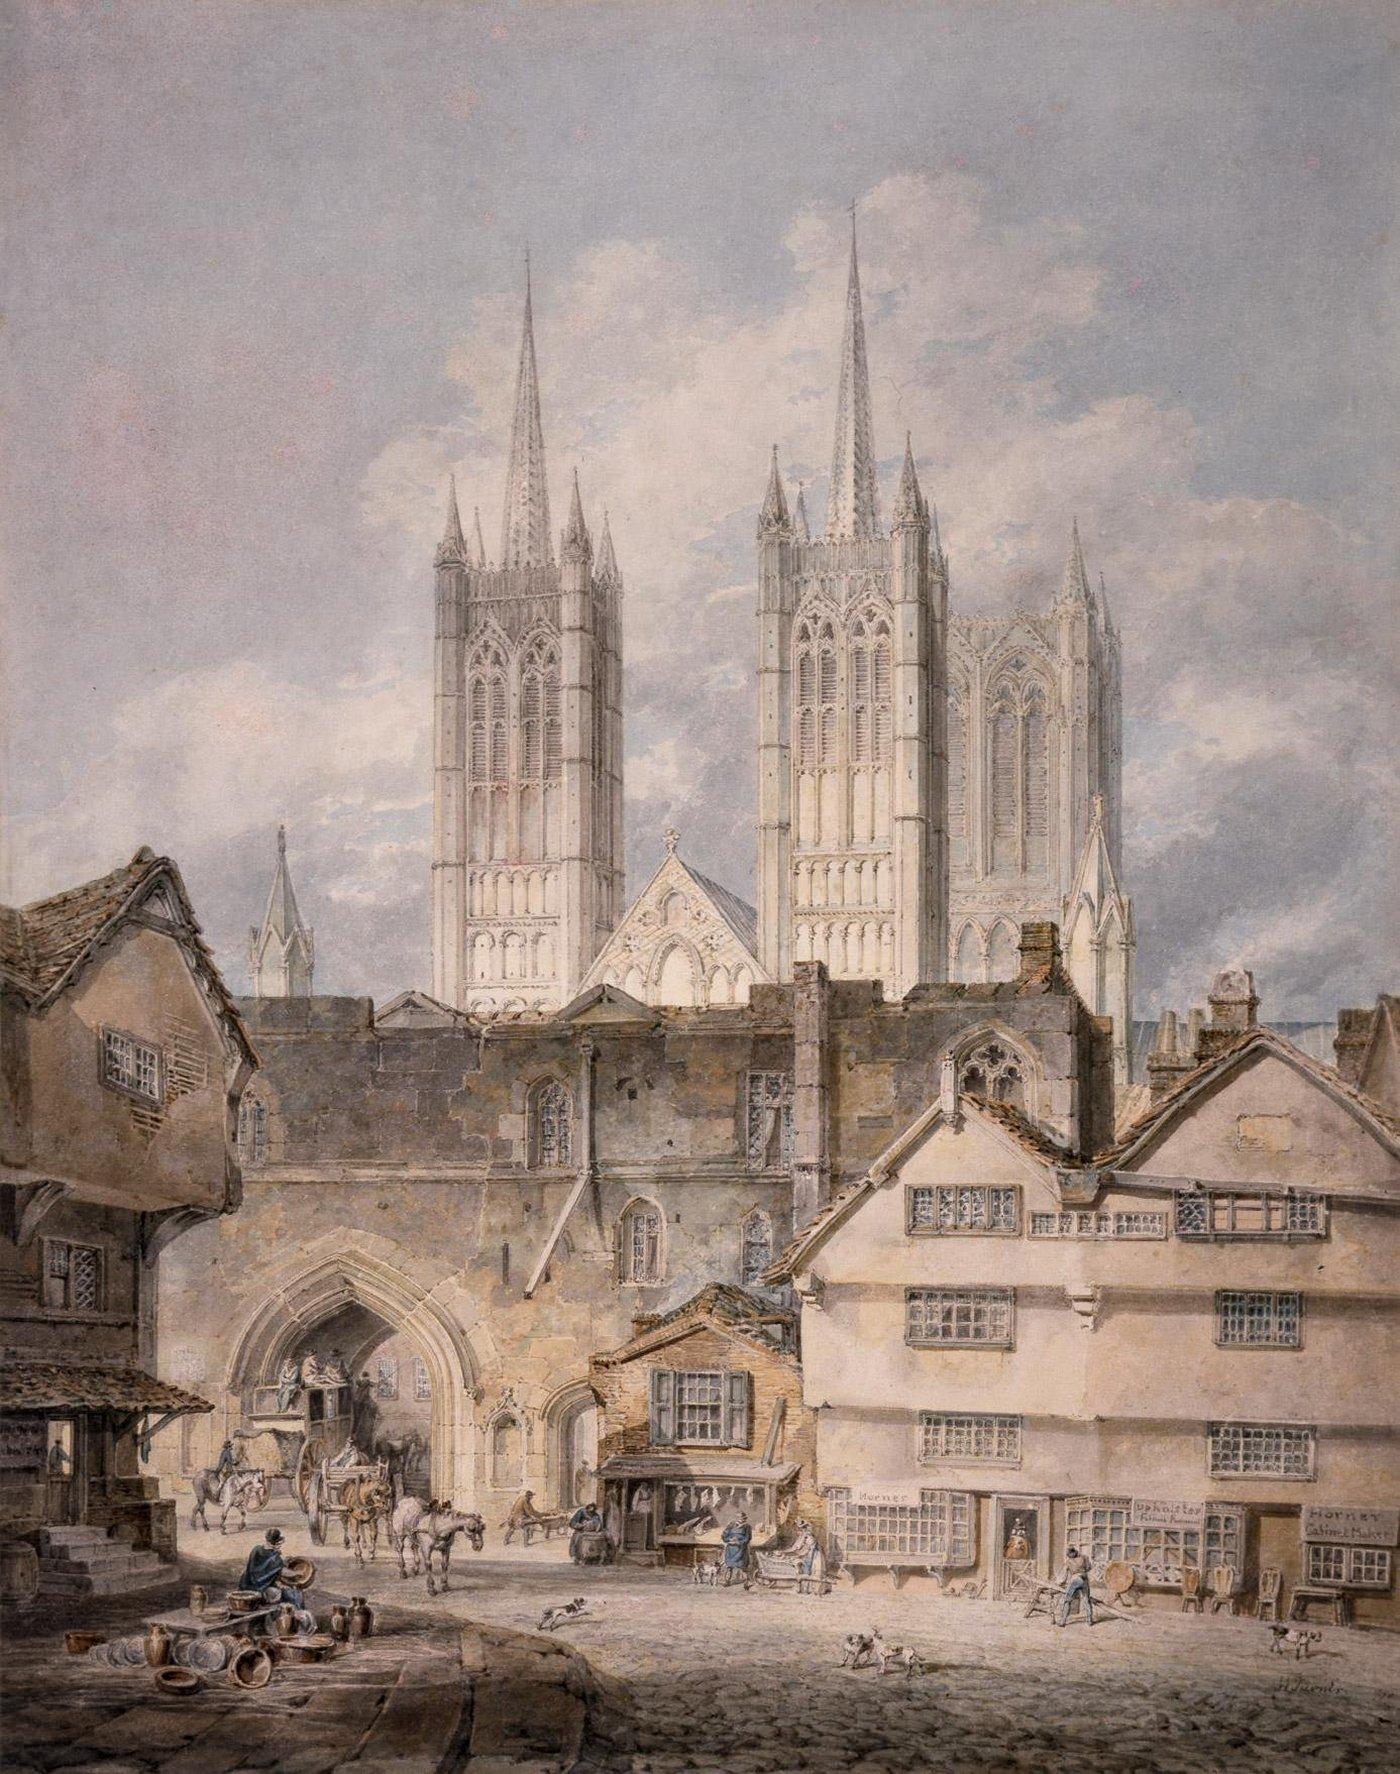 картина < кафедральная церковь в Линкольне >:: Уильям Тёрнер ( William Turner ) - Тёрнер Уйльям фото